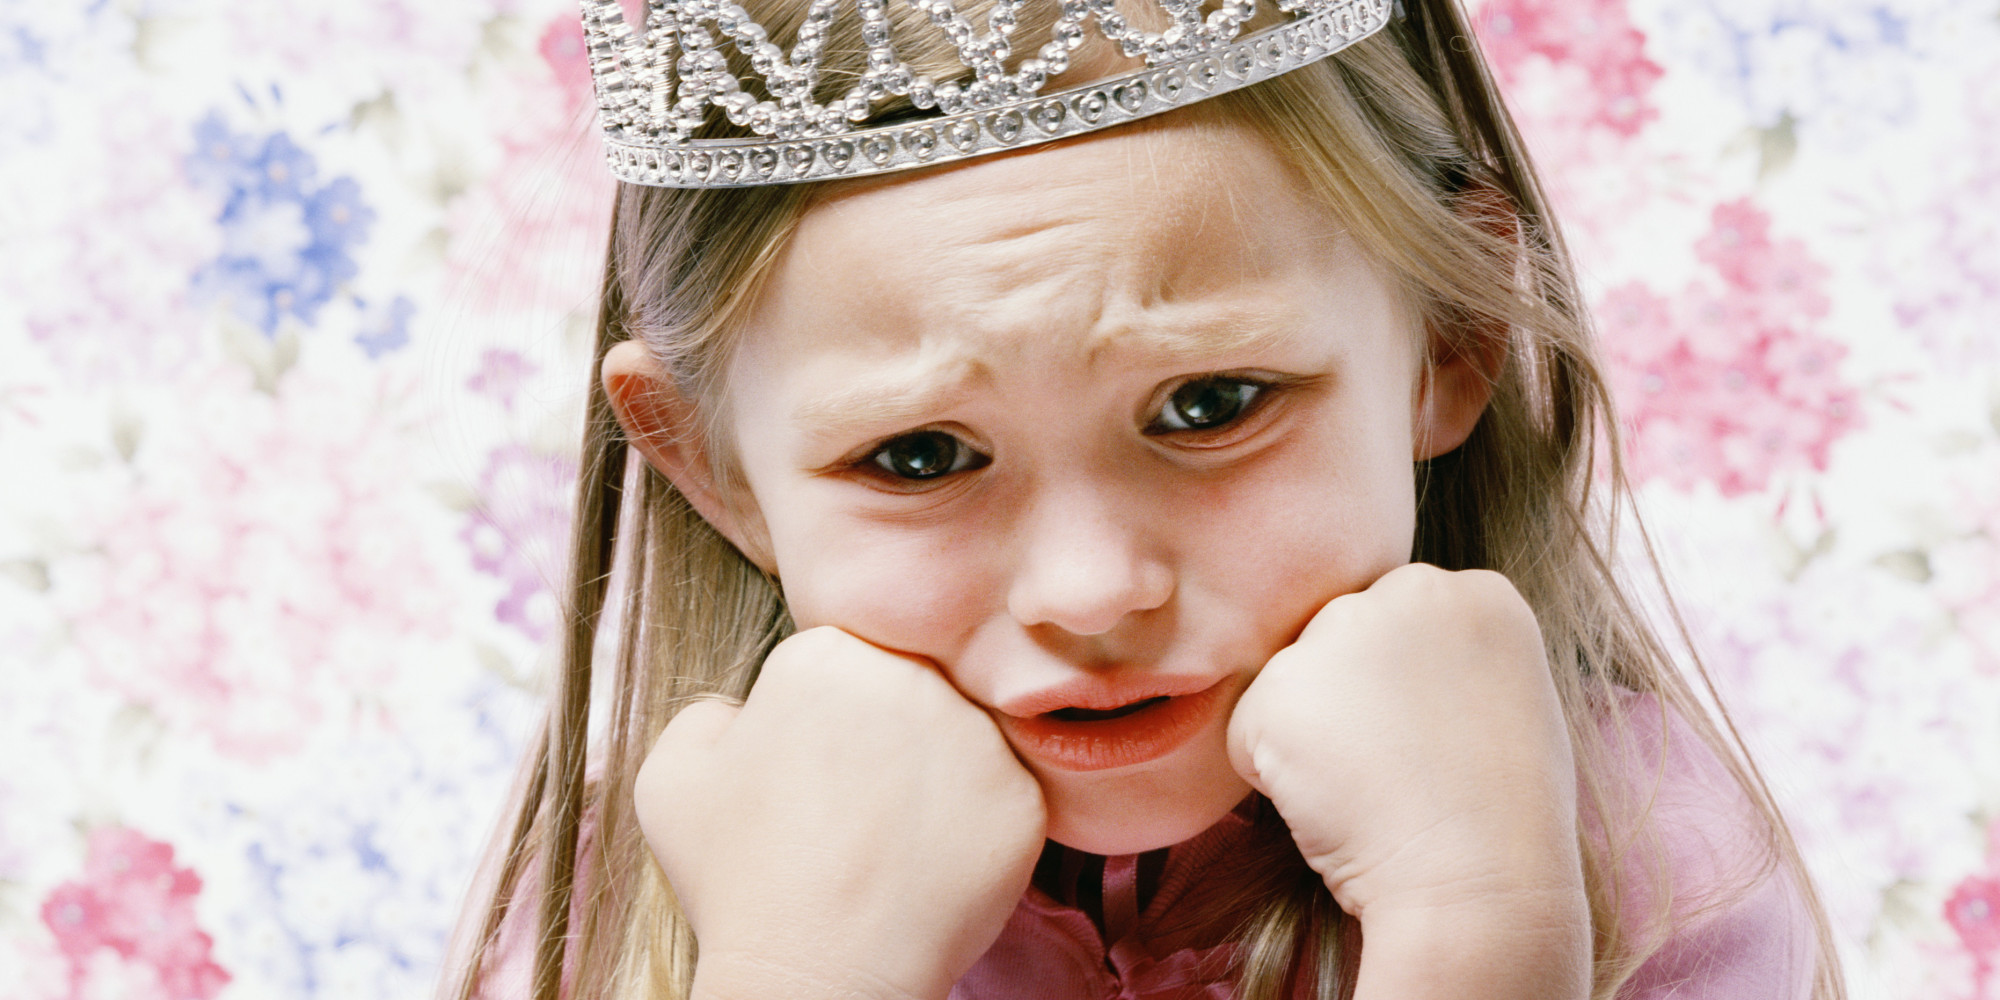 7 начина как да избегнем разглезването на децата